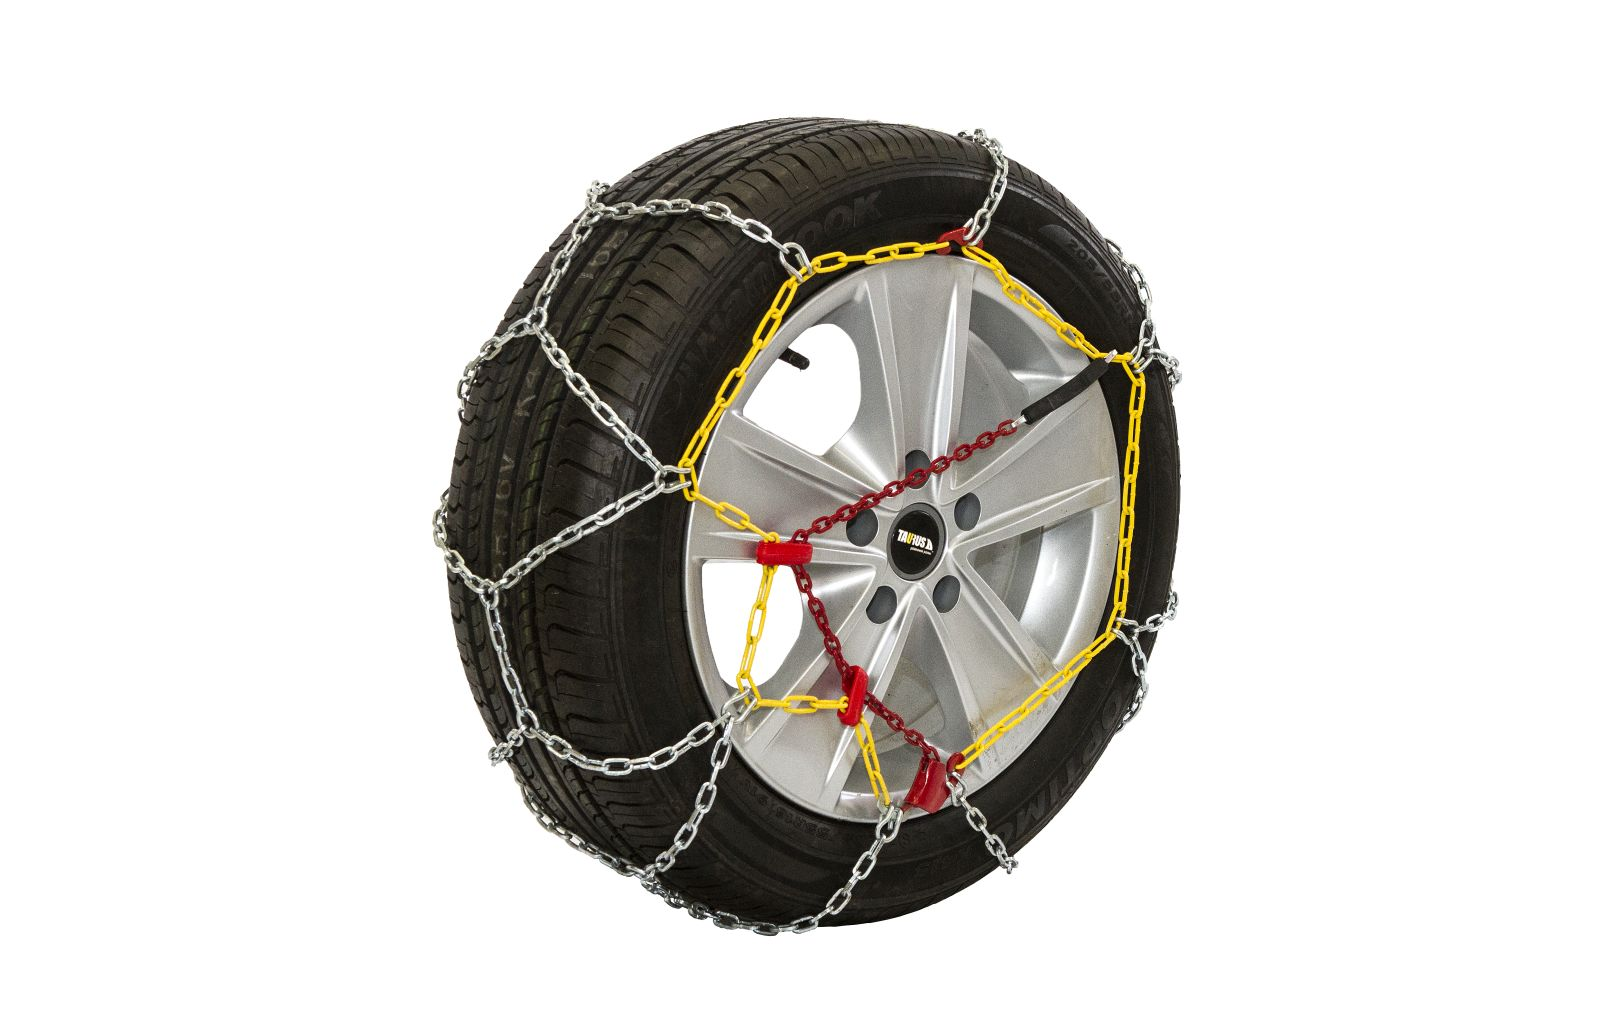 Комплект цепей противоскольжения Taurus Diament (12 мм) 40 ( звено ДСЗ 3,55мм ) с защитой литых дисков, Цепи на колёса Taurus Diament TDIA1240